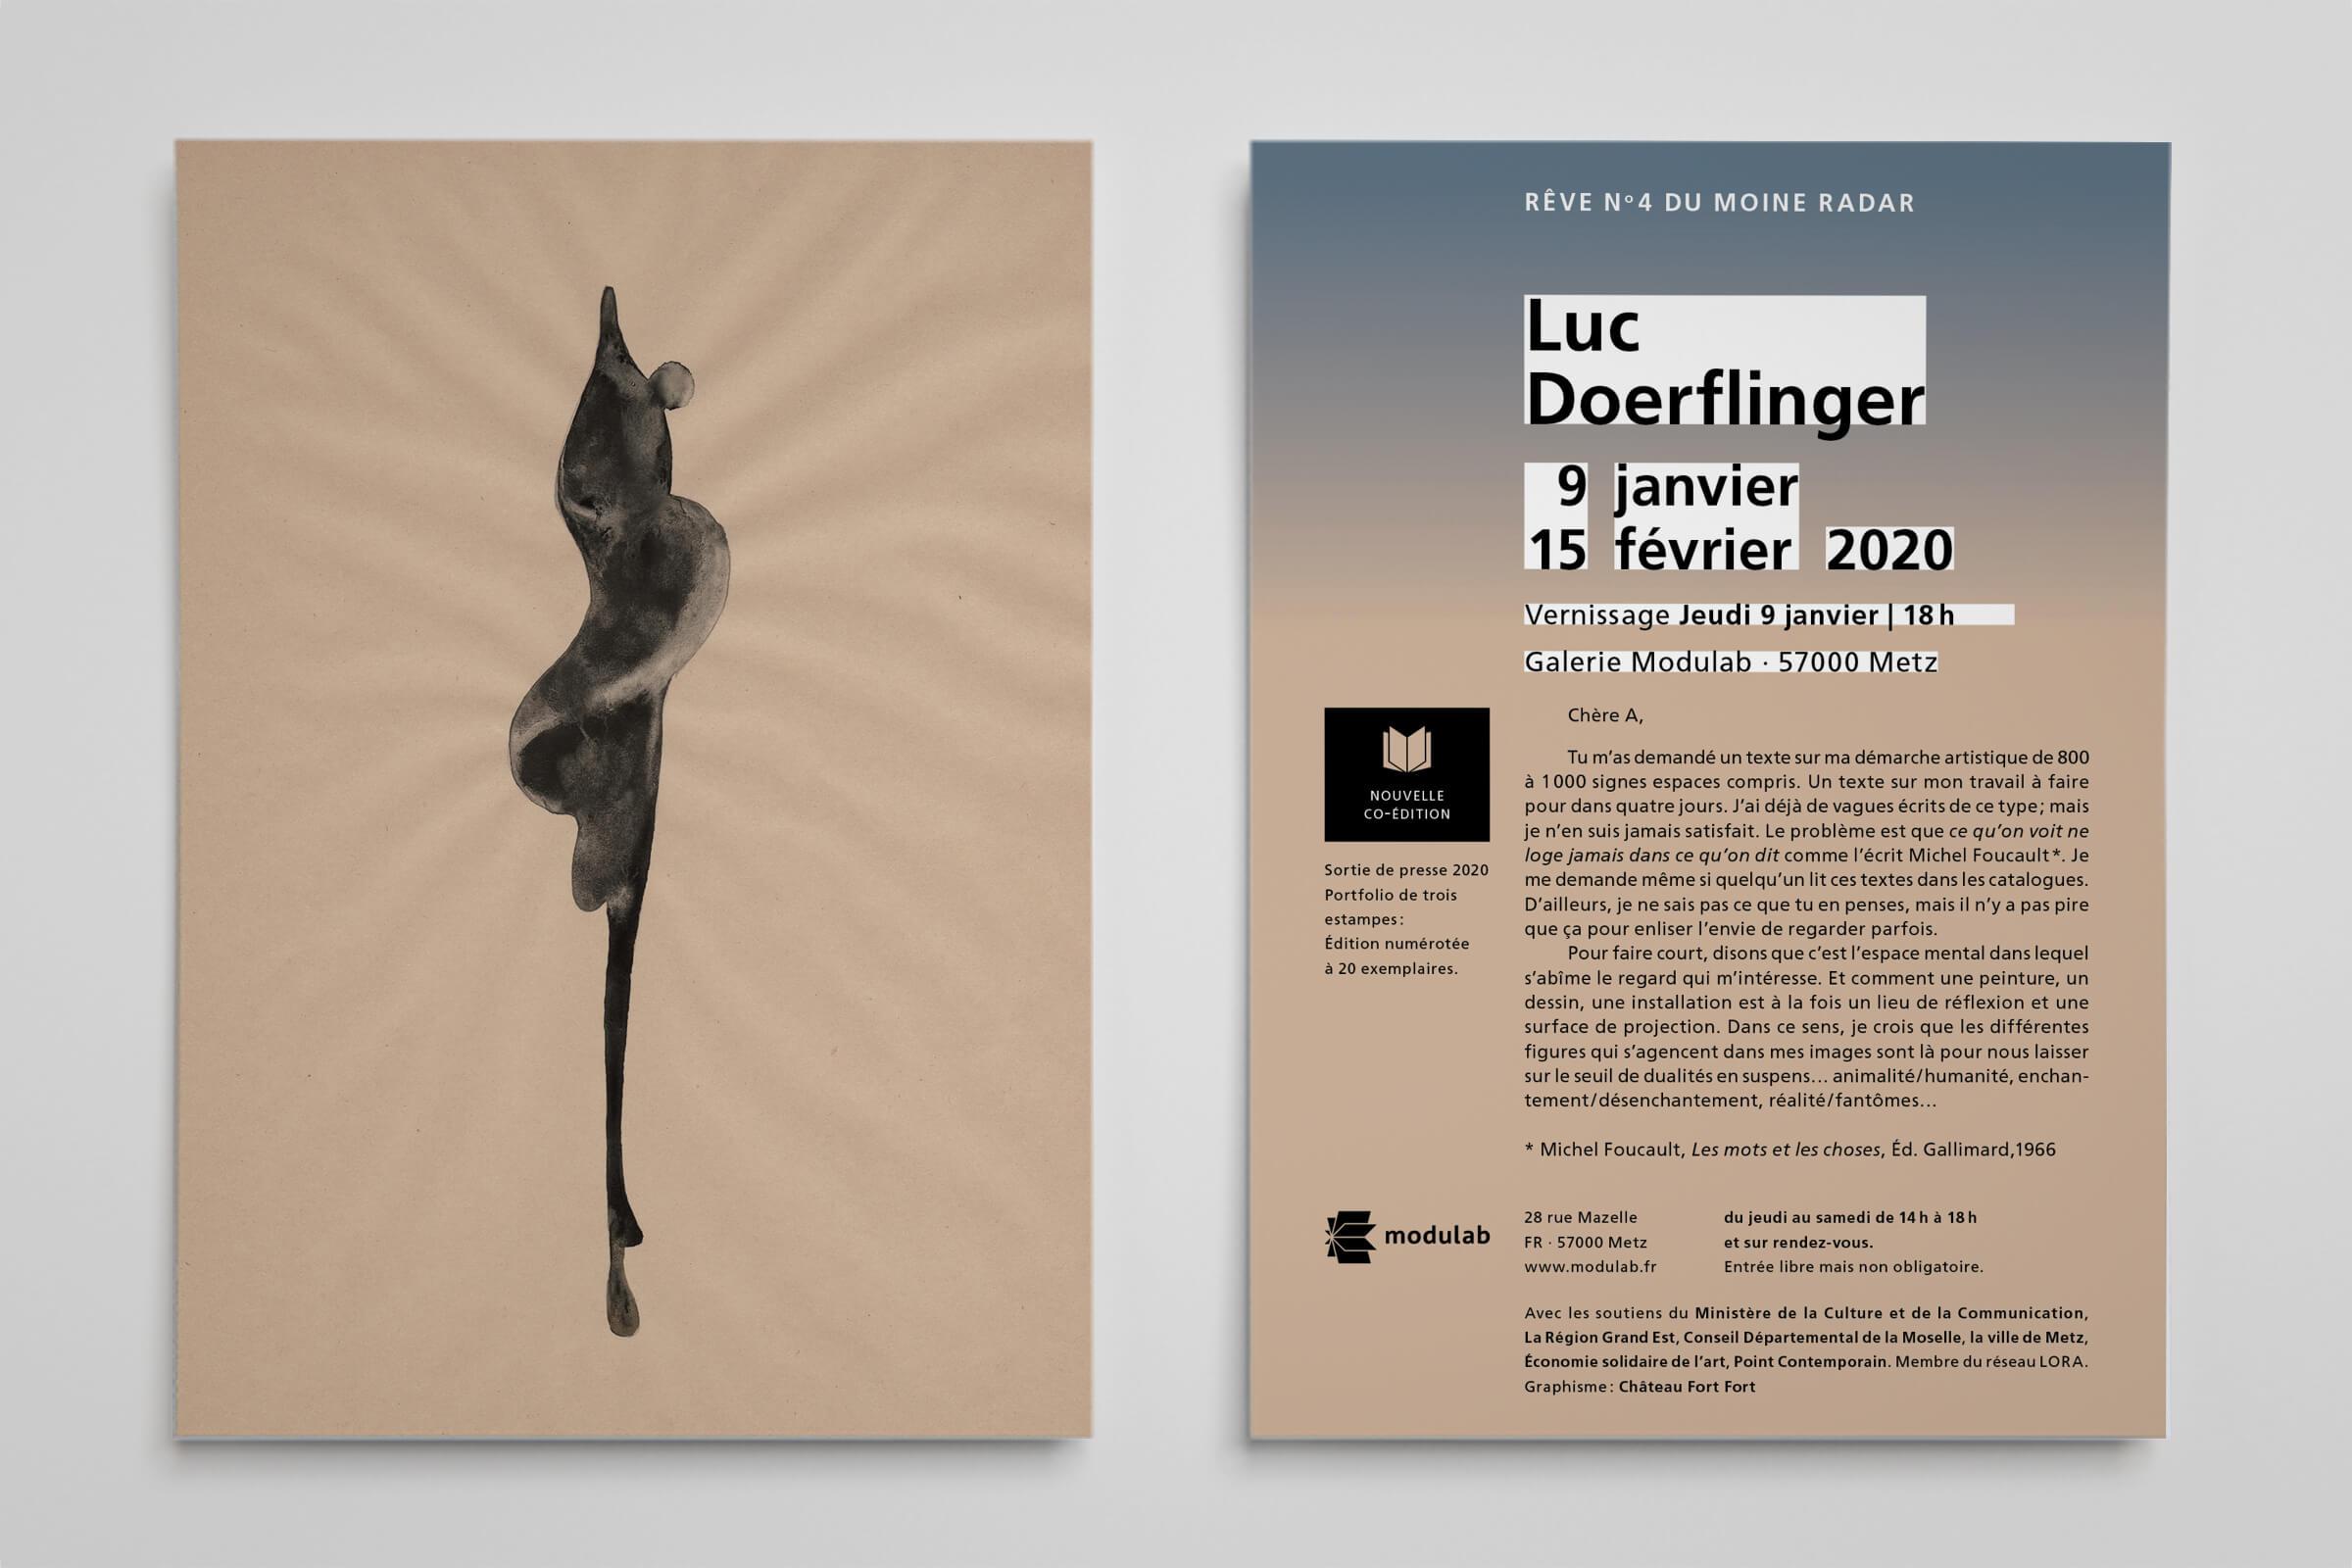 Flyer Modulab - Luc Doaerflinger - Rêve du n°4 du moine radar